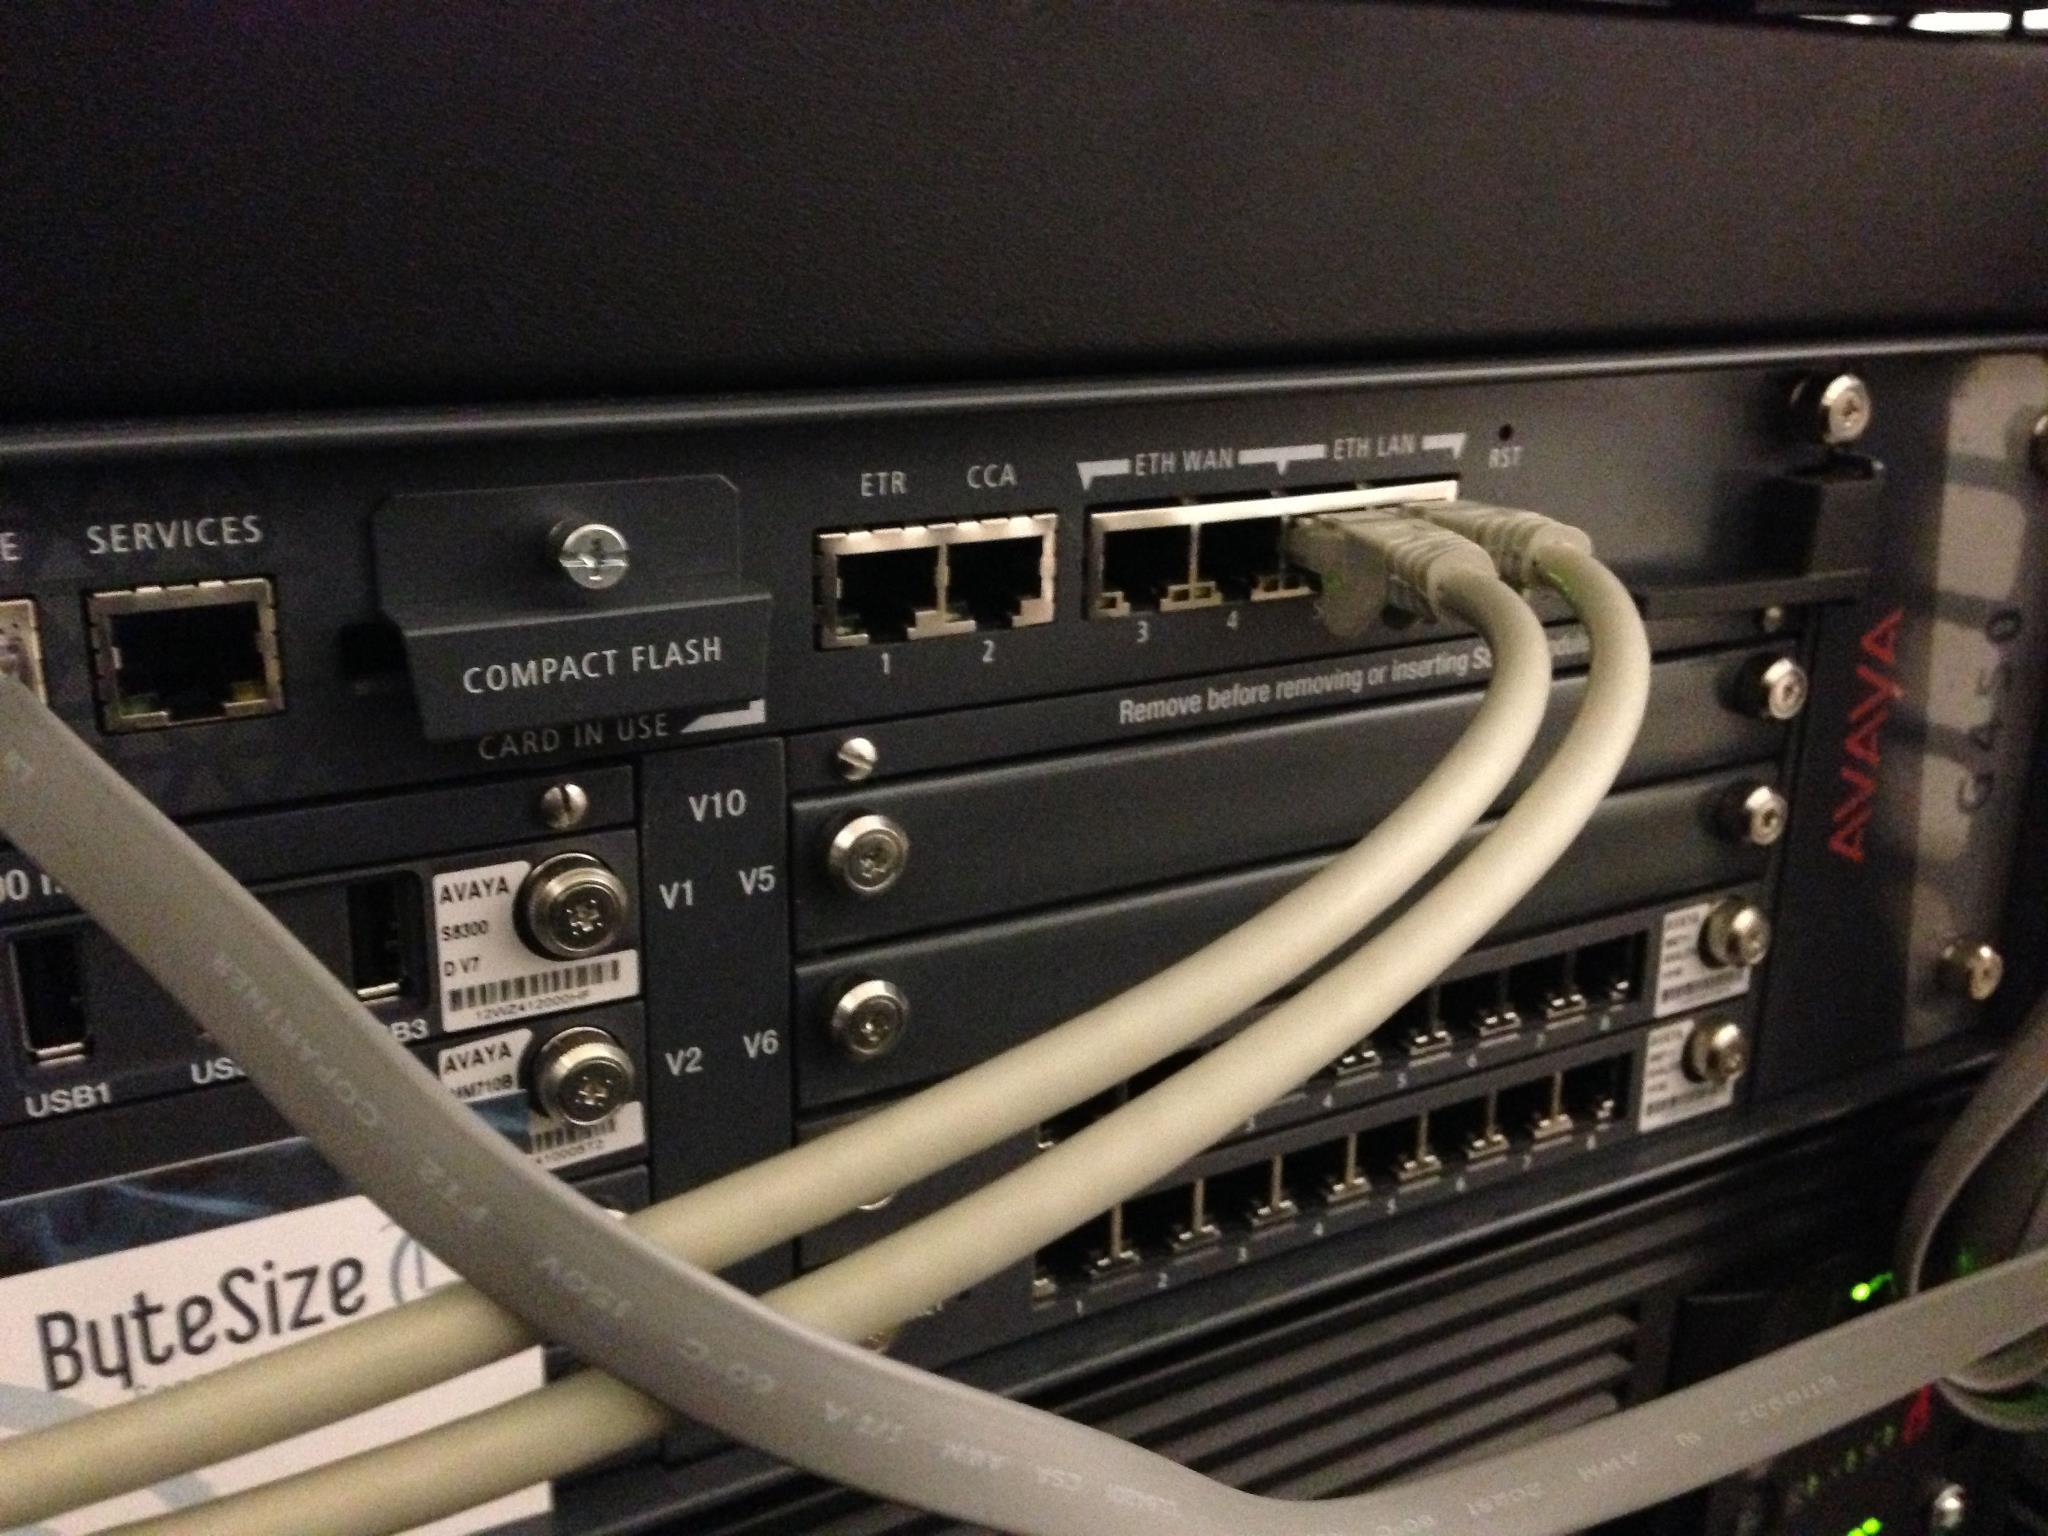 ByteSize managed VoIP and Unified Communication